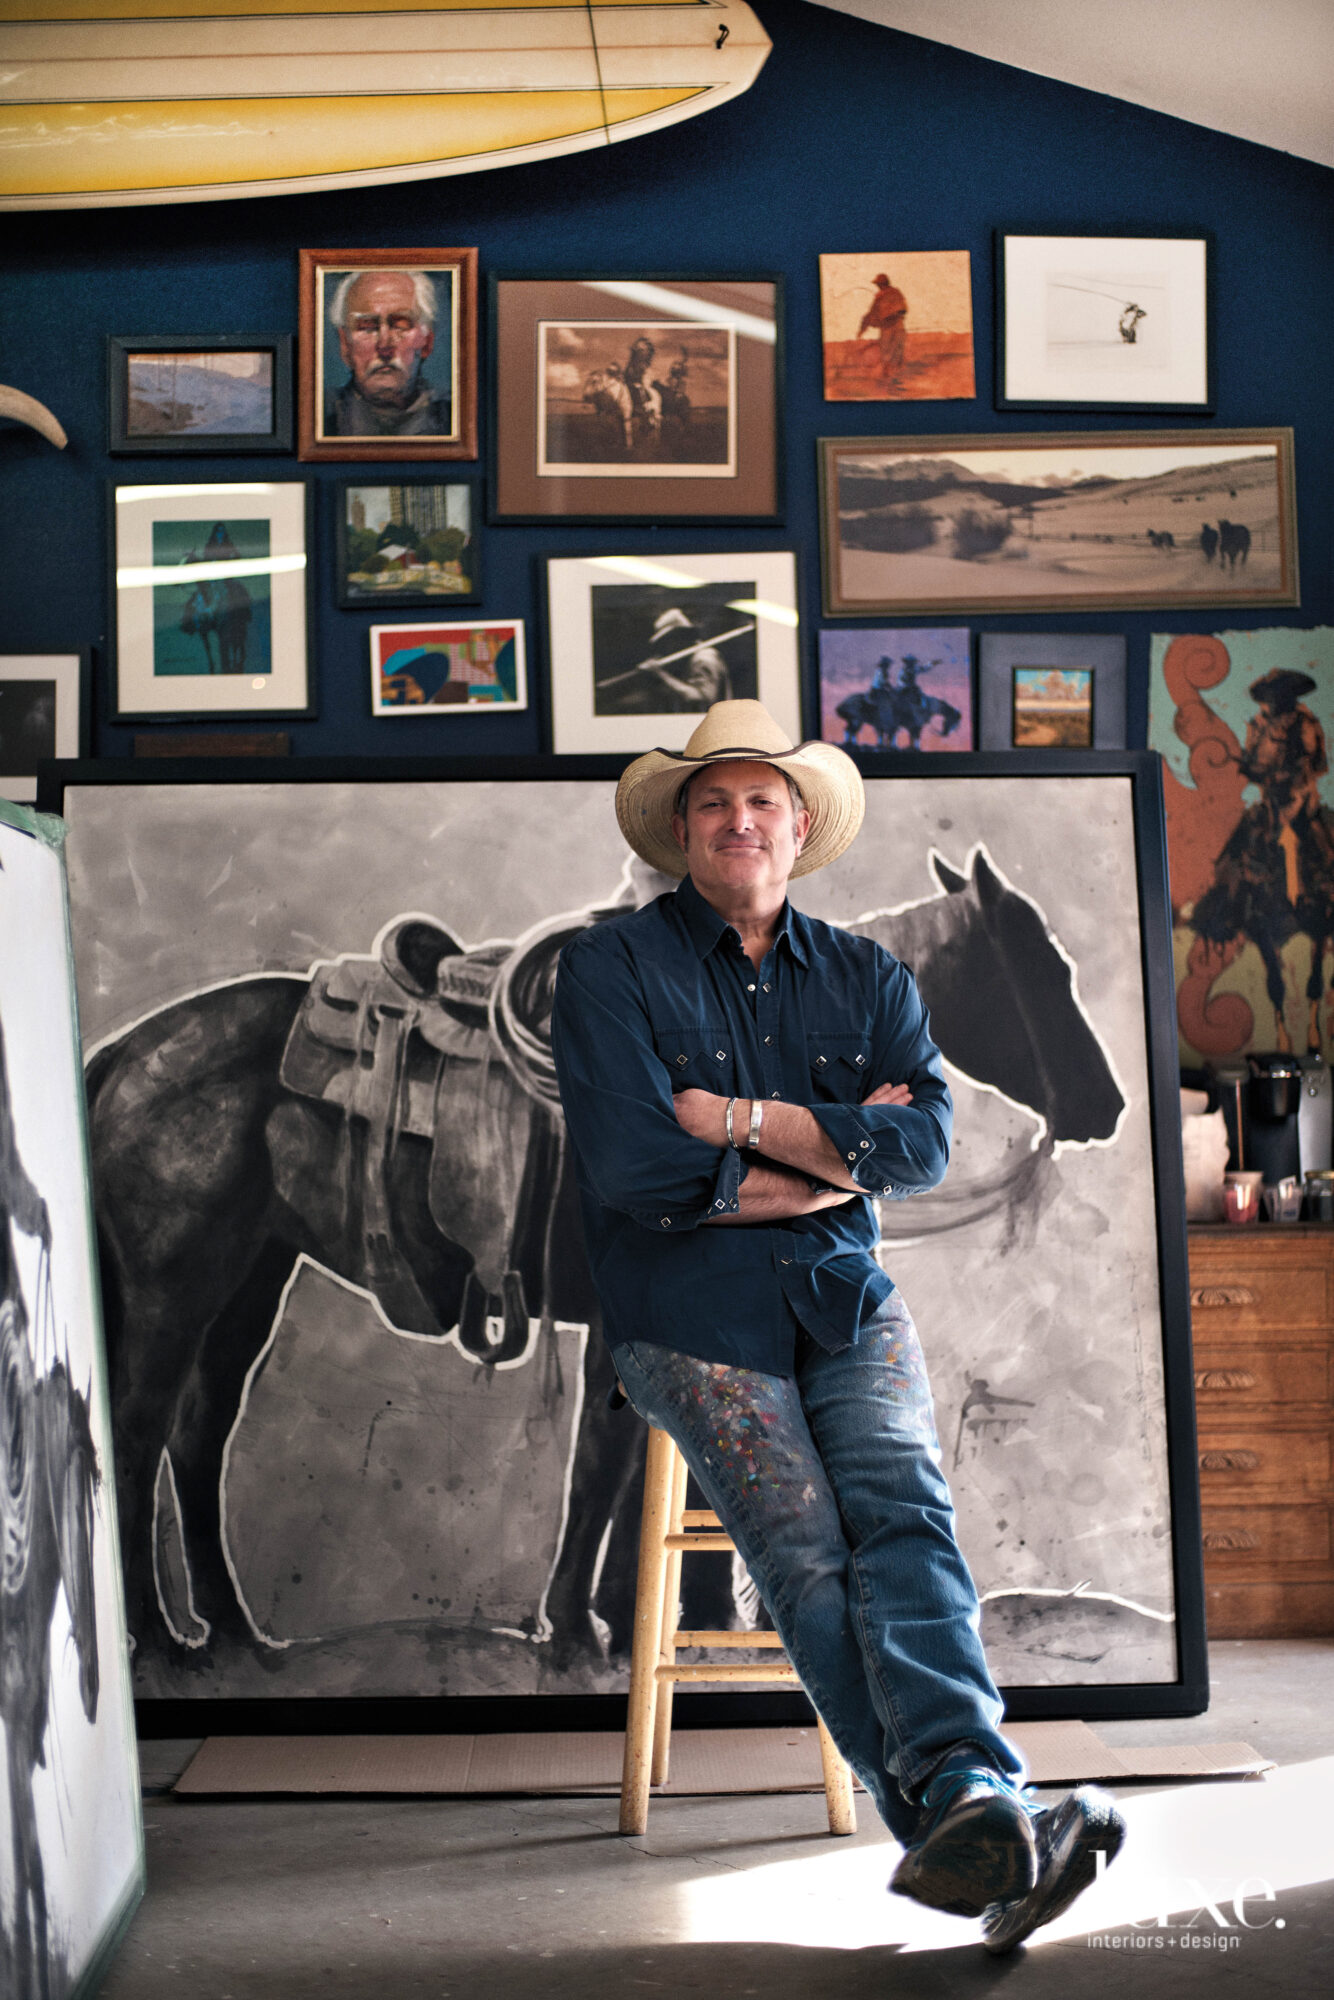 Artist Duke Beardsley relaxes in his art-filled studio.